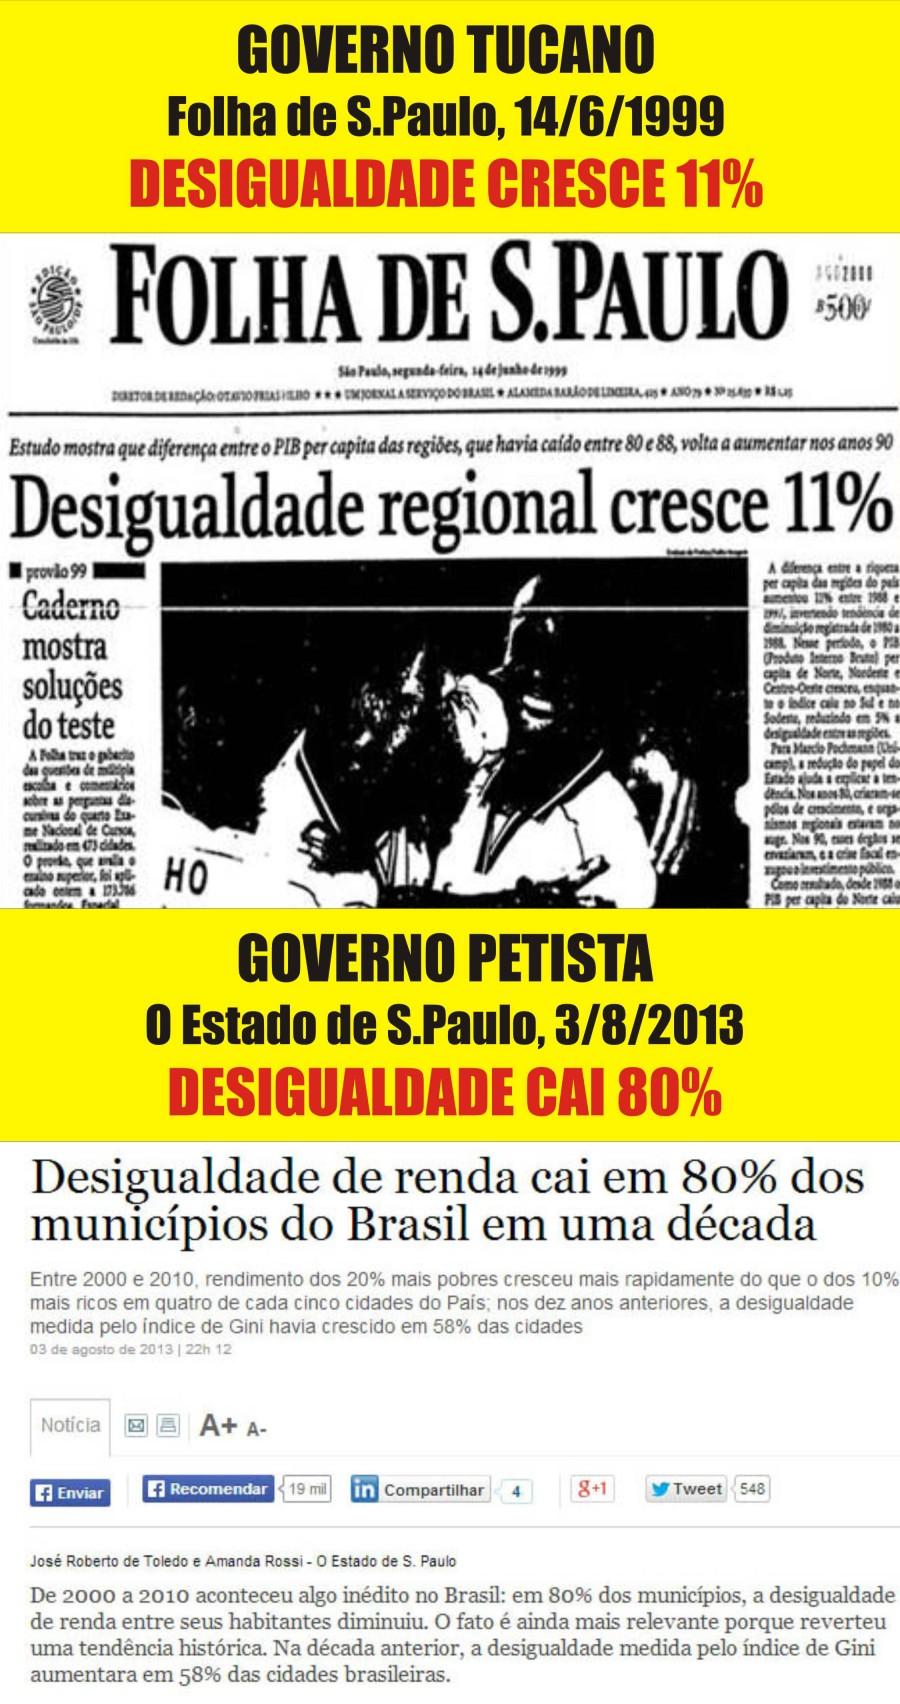 [Imagem: fhc_legado50_desigualdade.jpg?w=900&h=1704]